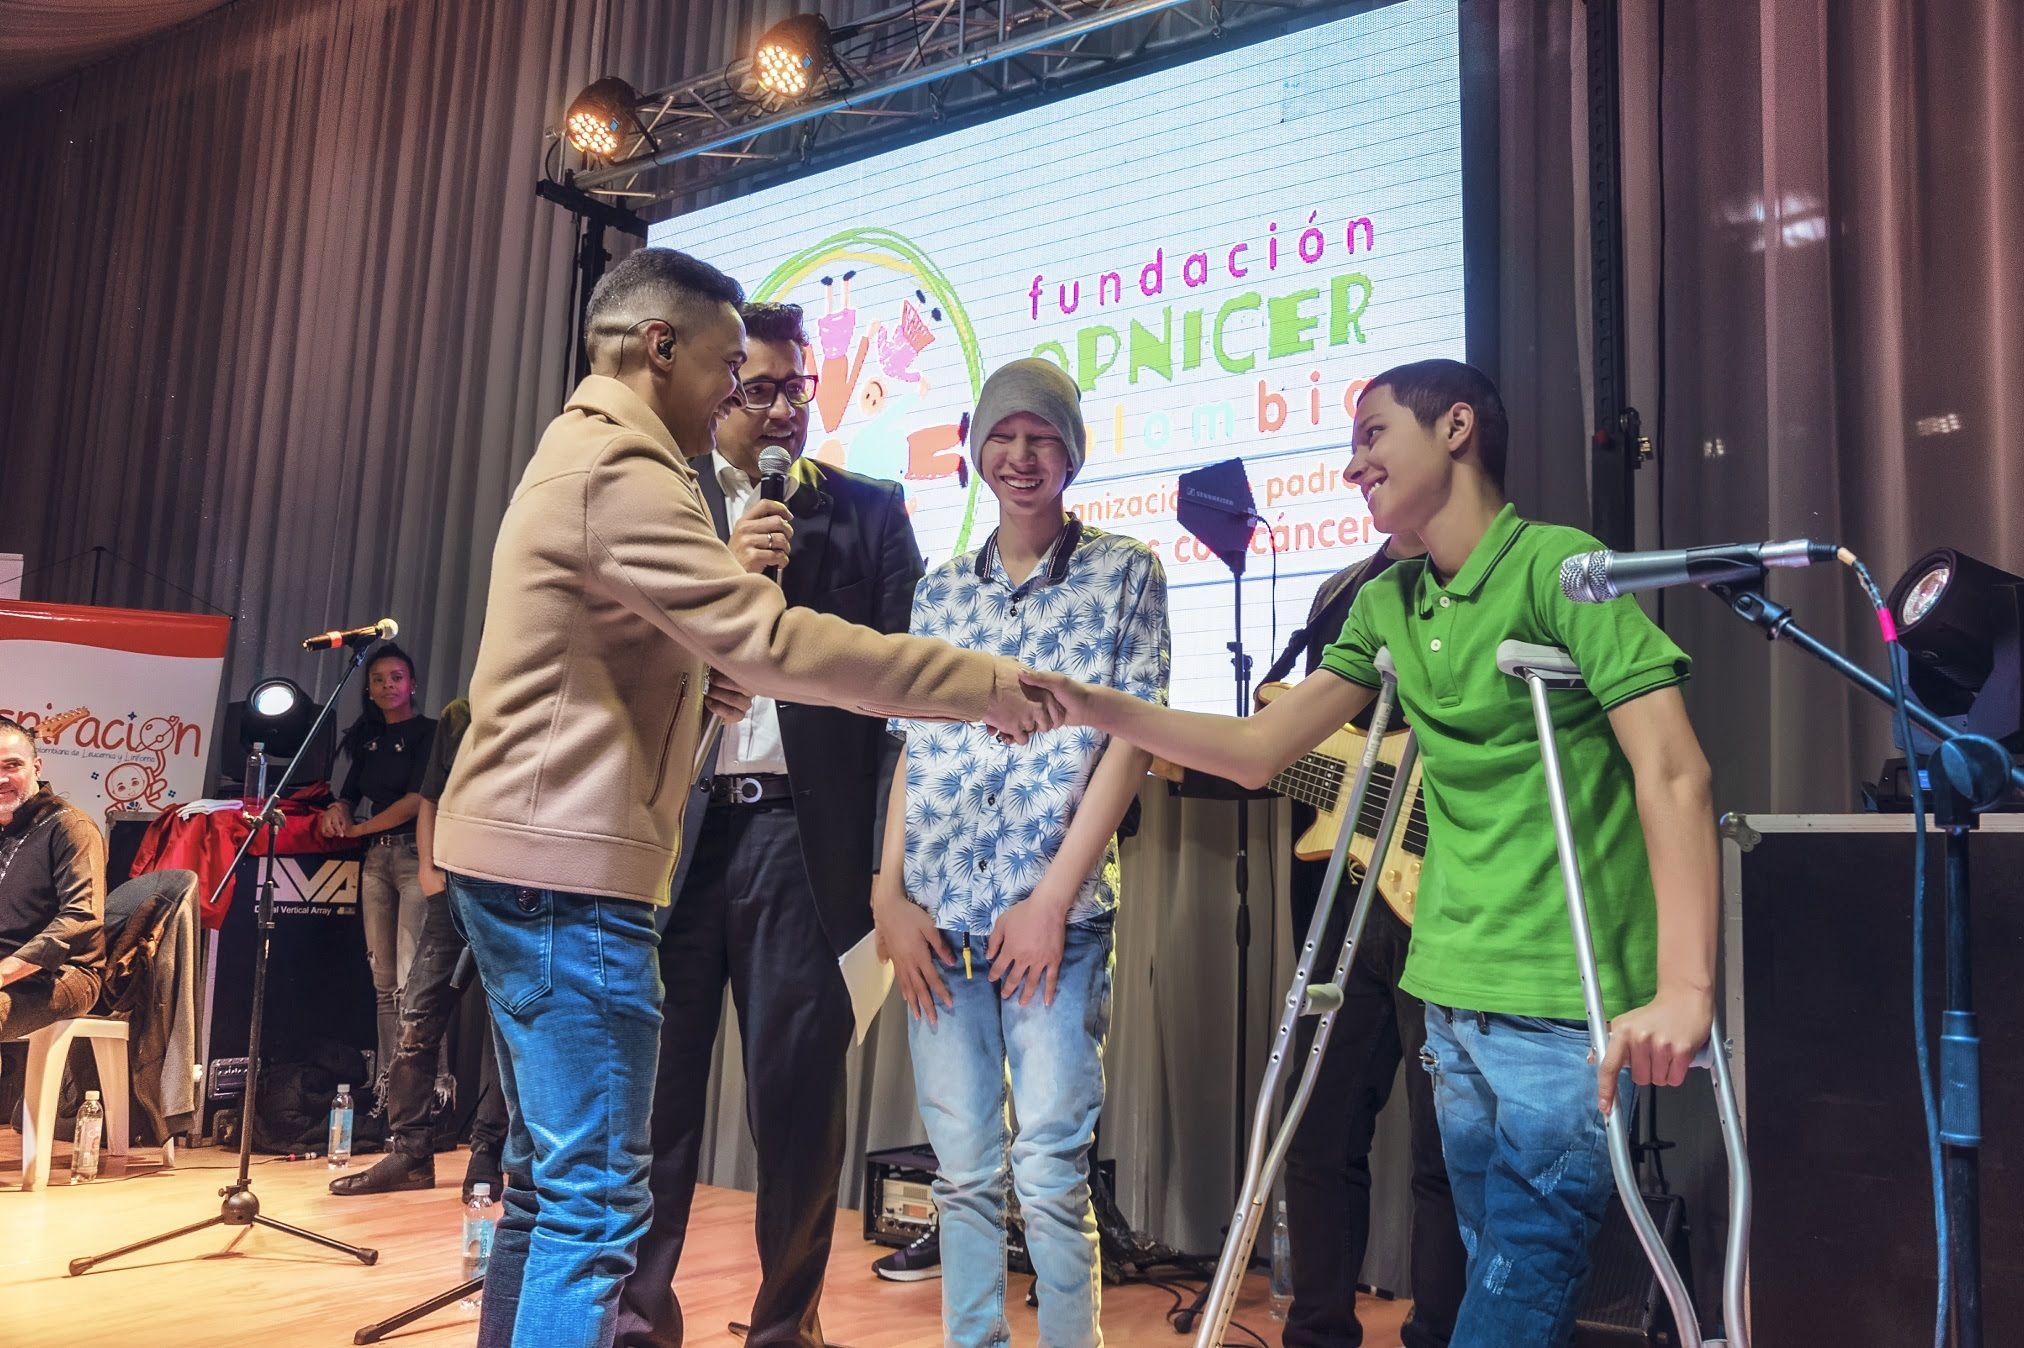 Jorge Celedón con la Fundación Opnicer